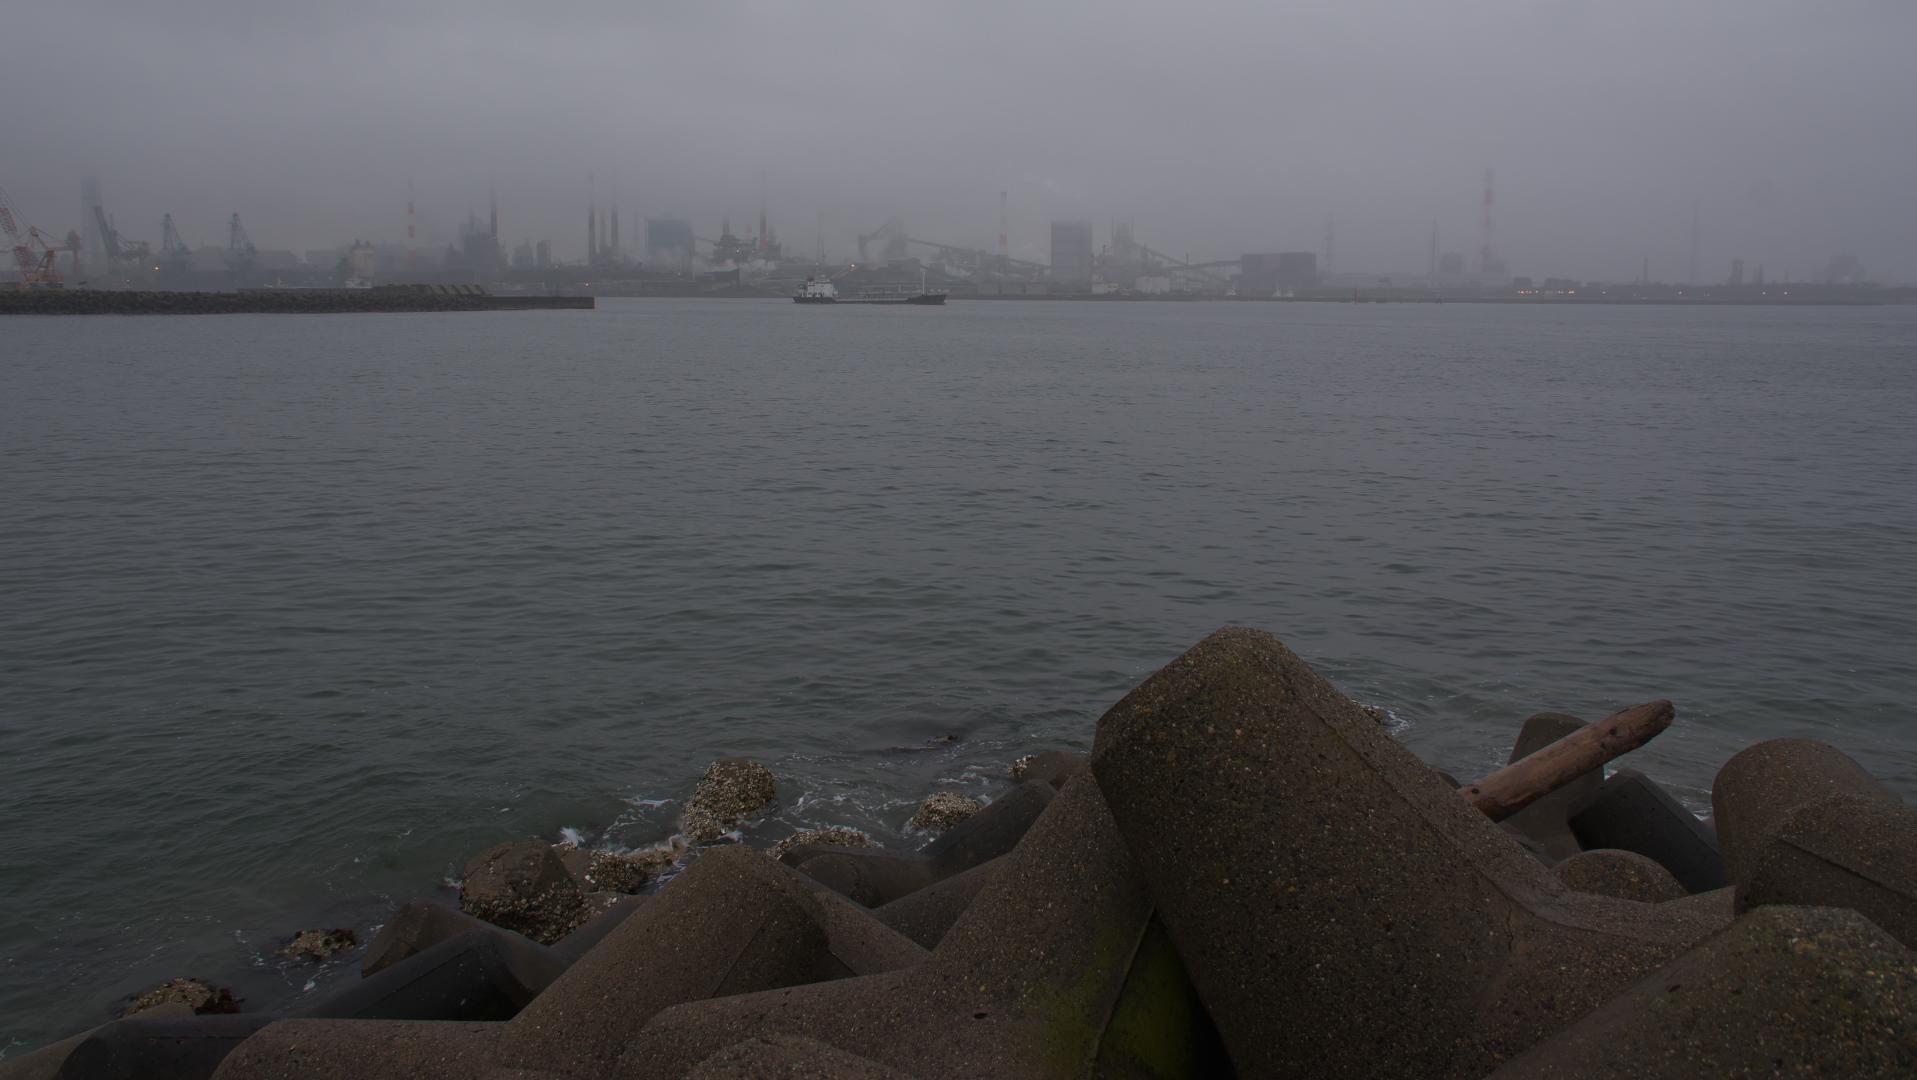 鹿島港、対岸鹿島製鉄所